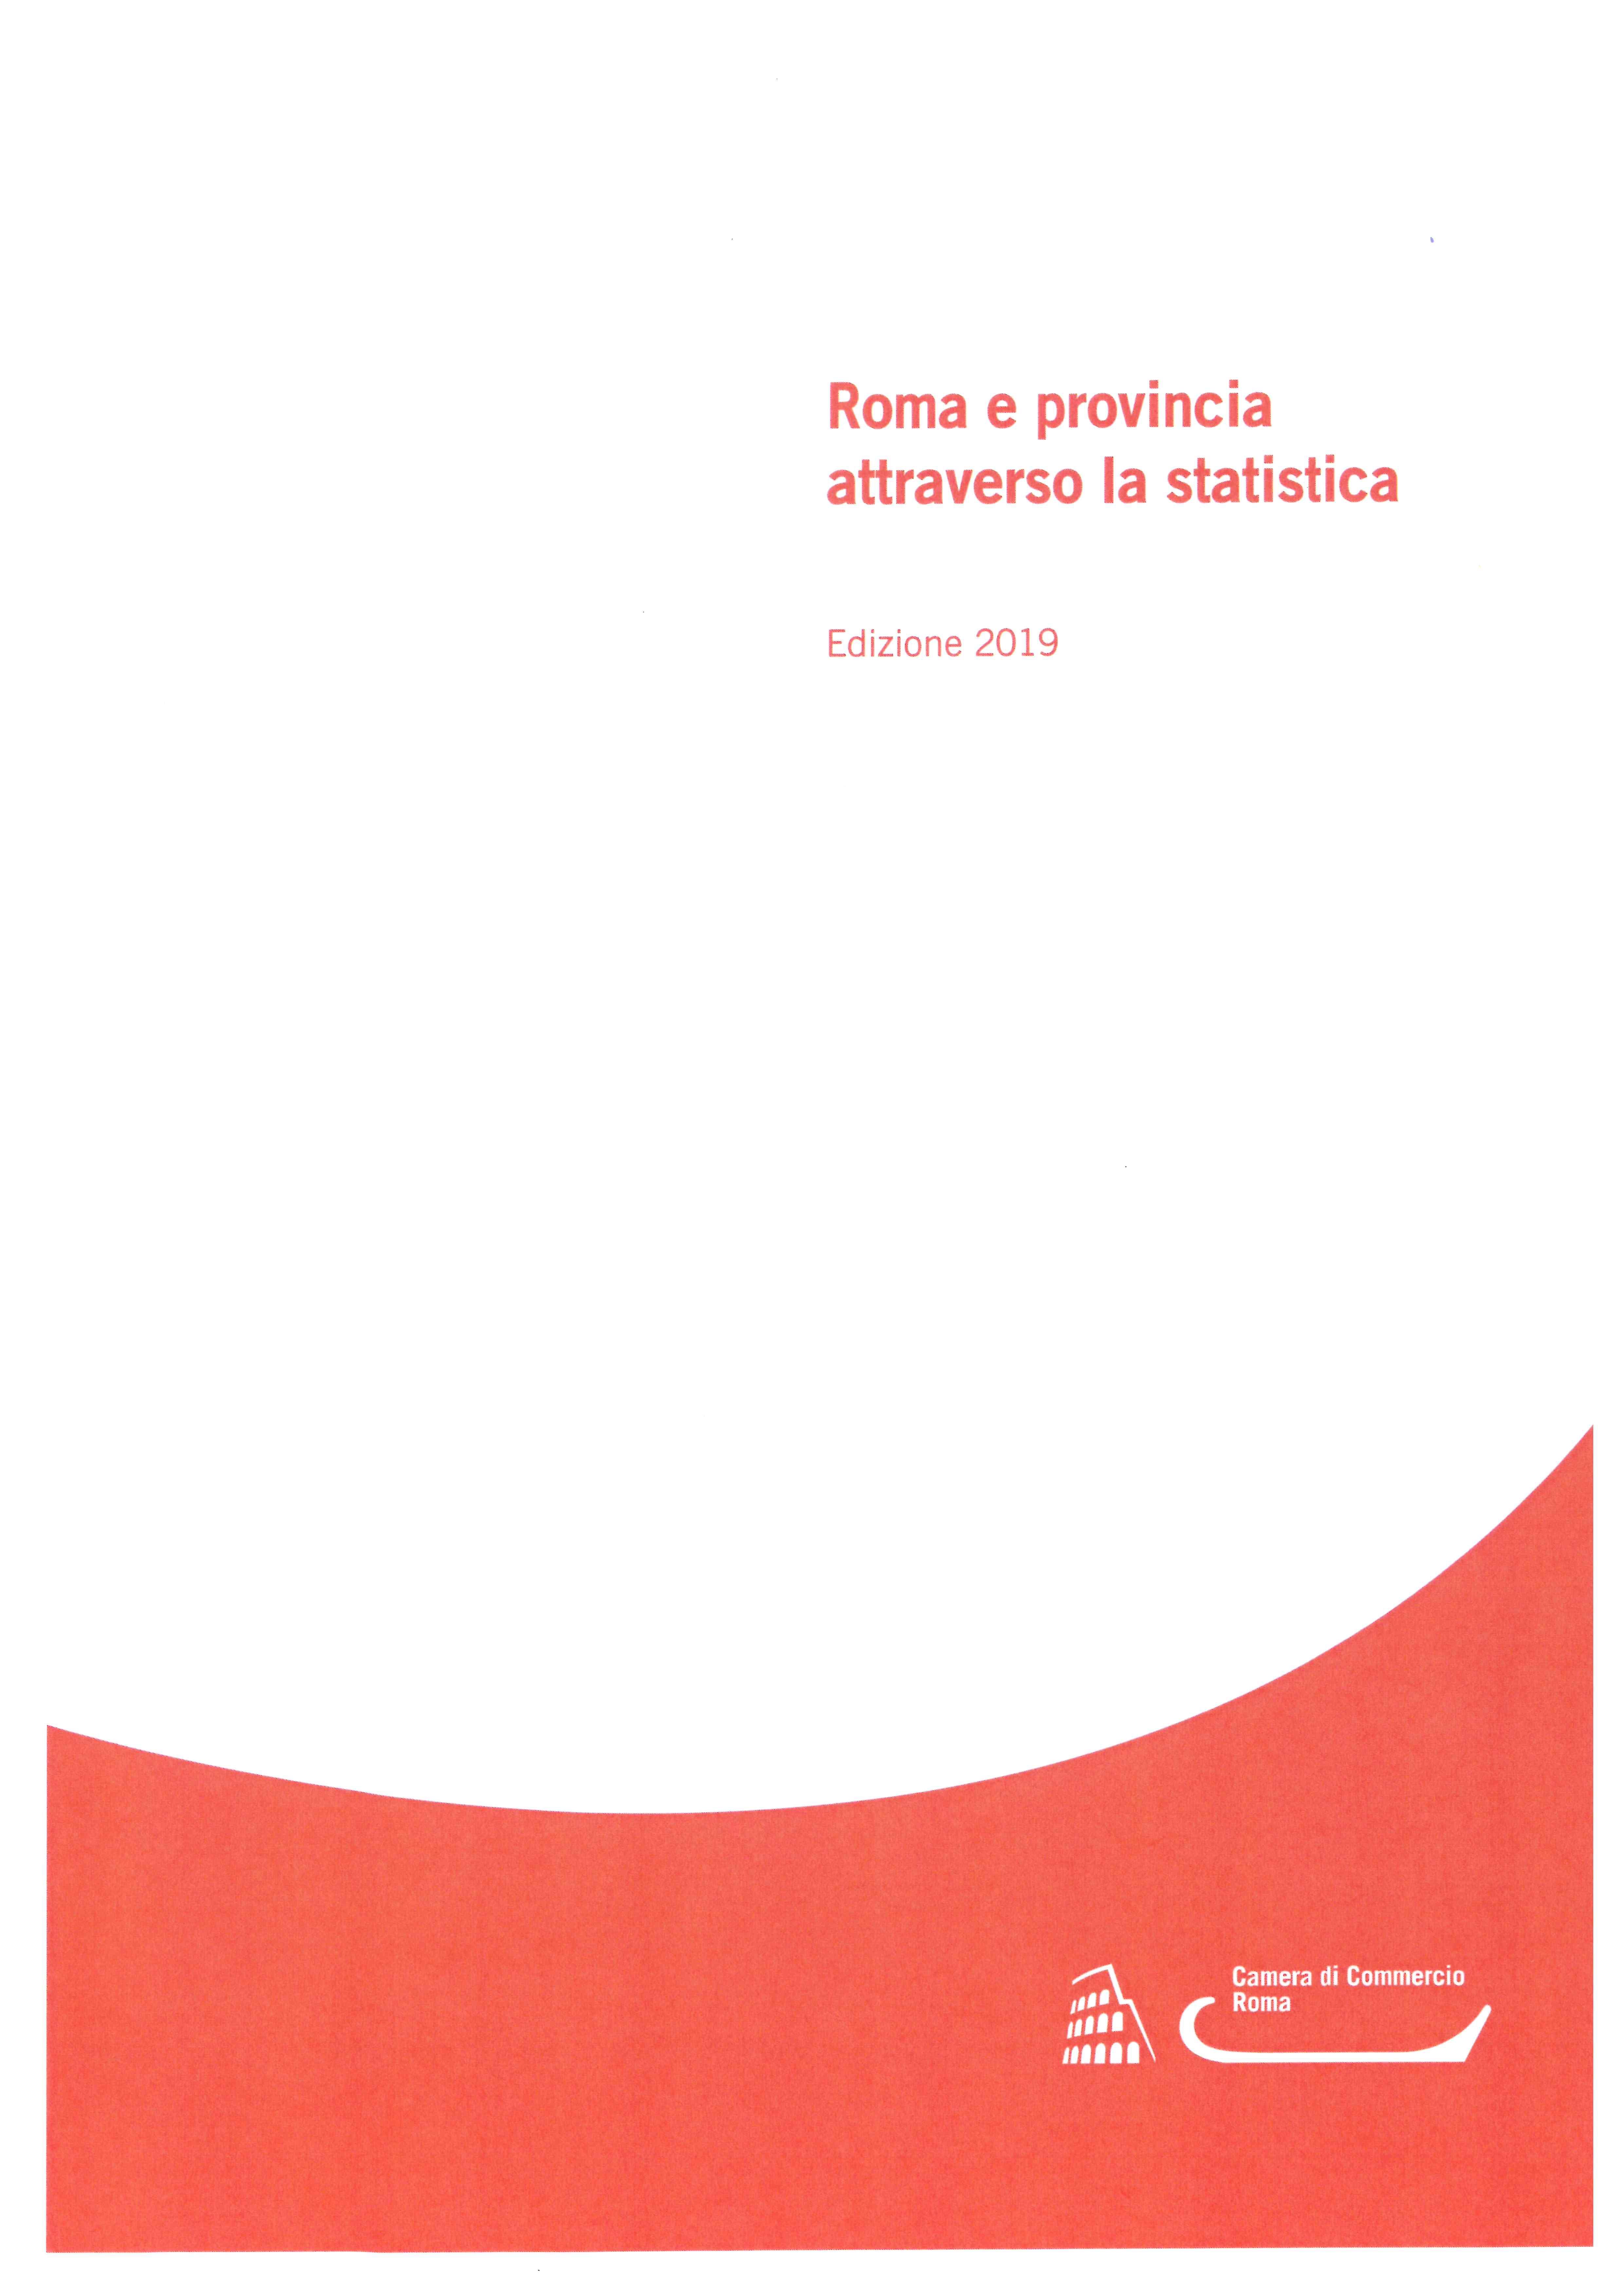 Copertina_Roma_e_prov_2019